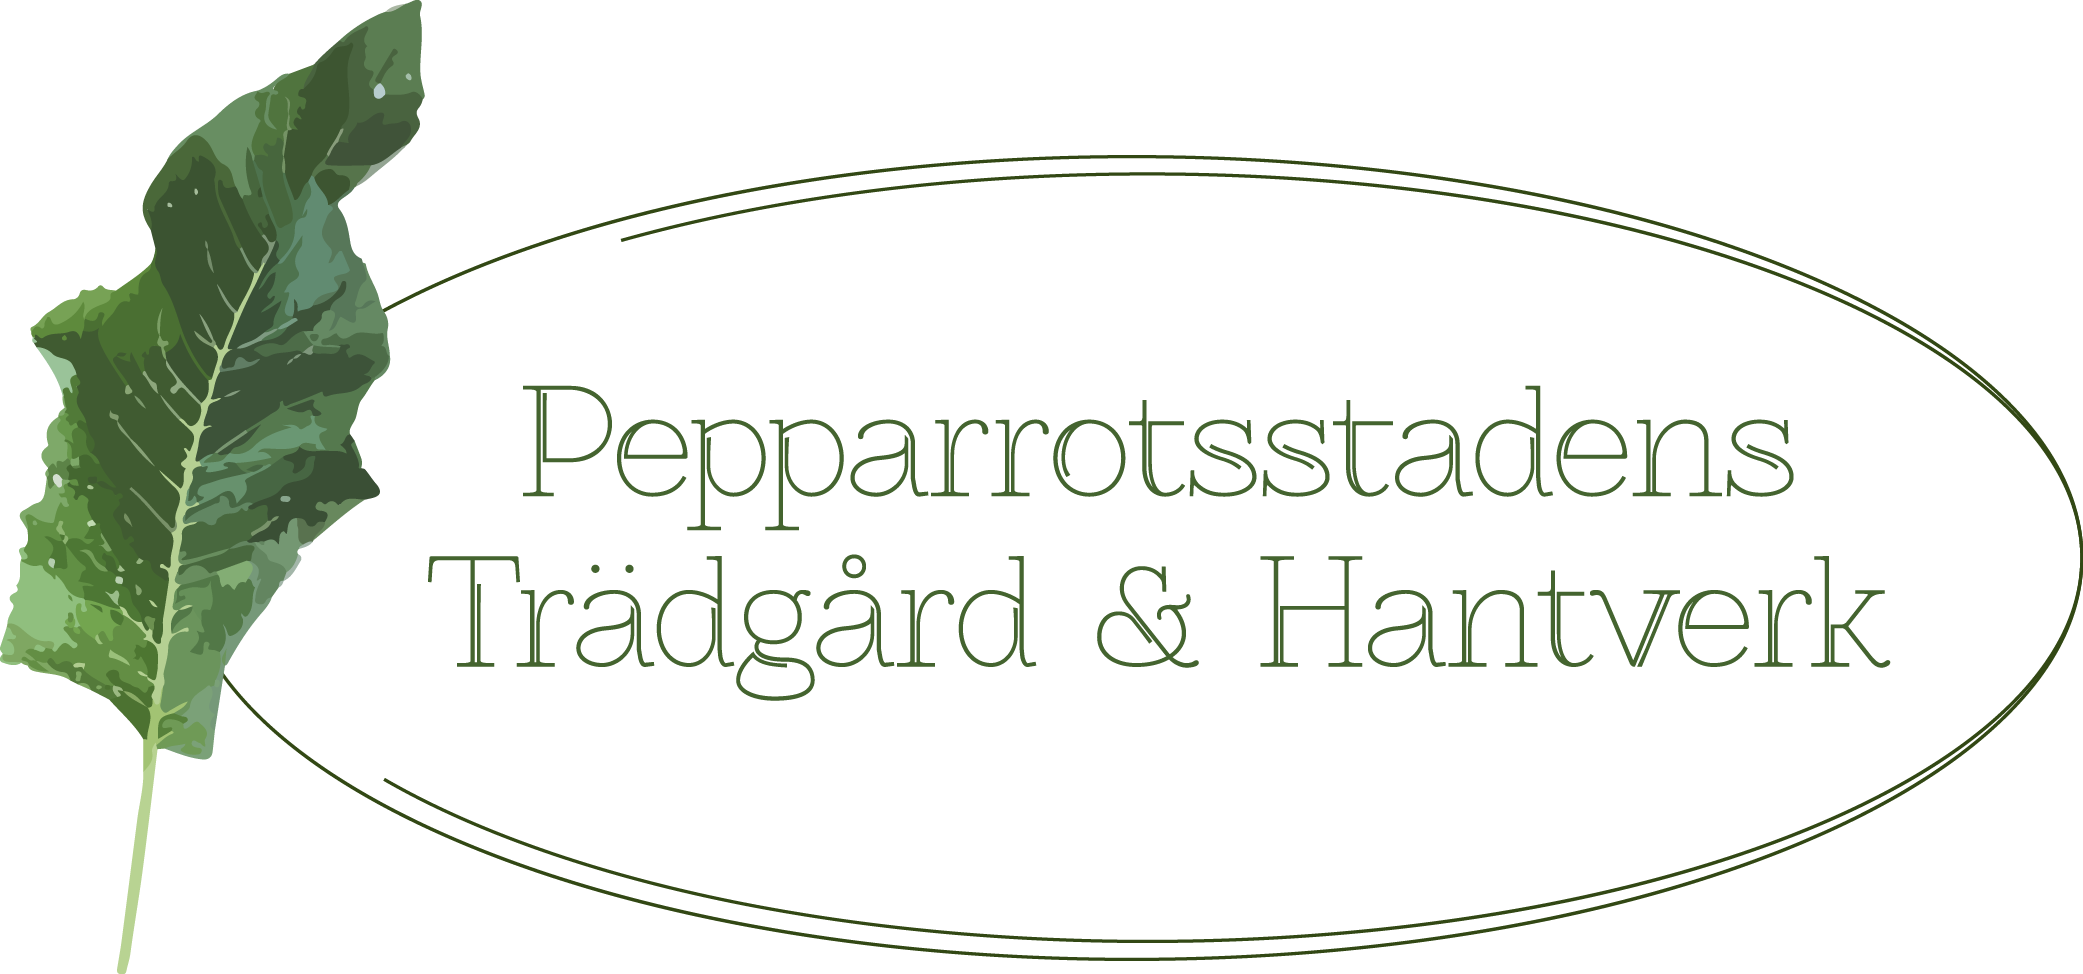 Pepparrotsstadens Trädgård & Hantverk